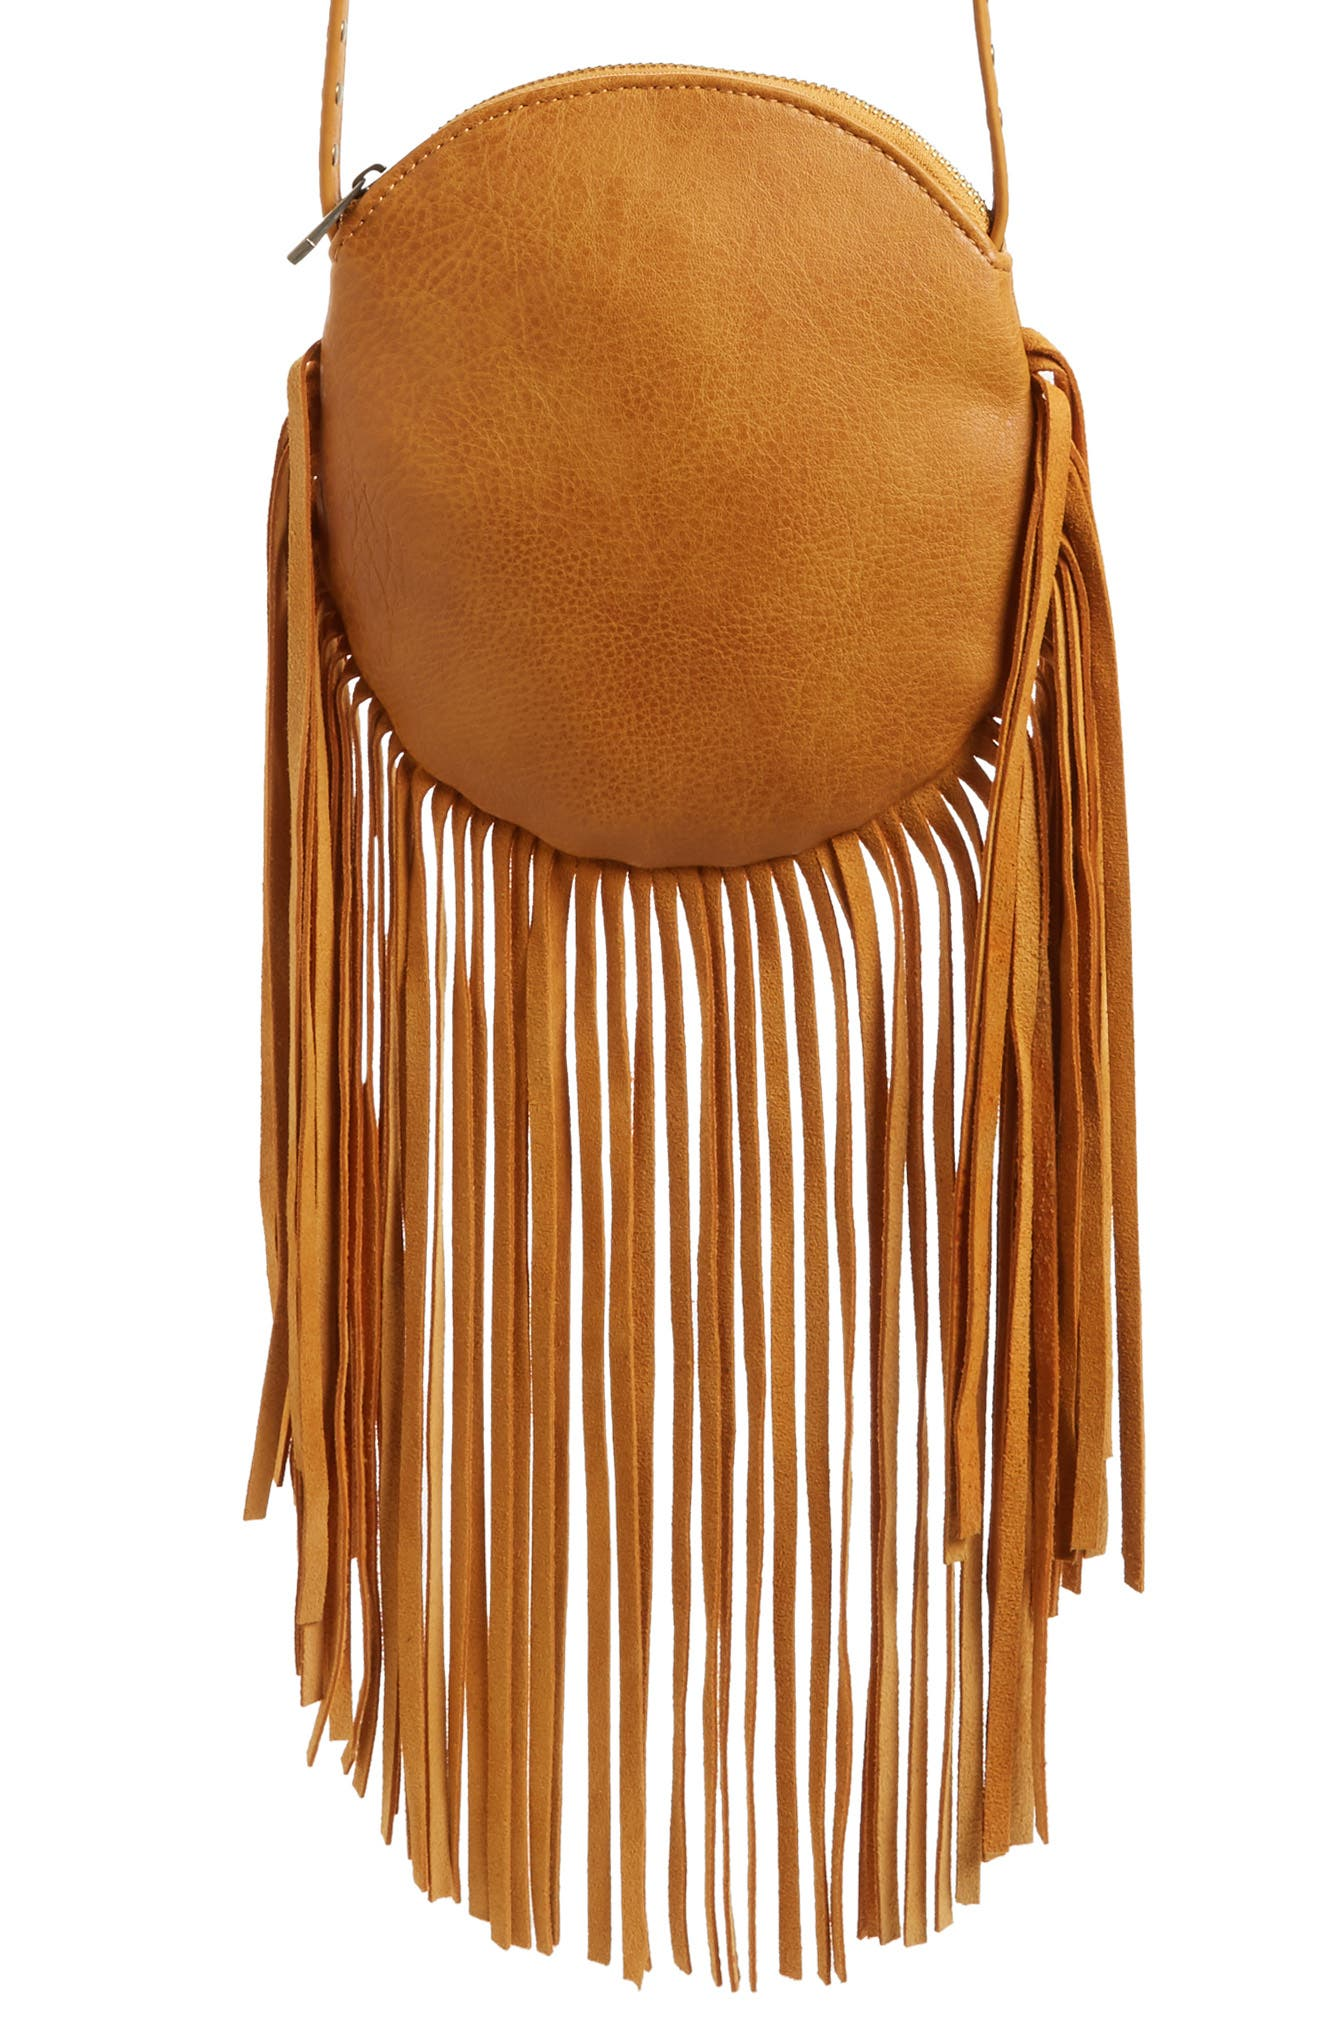 Main Image - Street Level Fringe Faux Leather Round Crossbody Bag